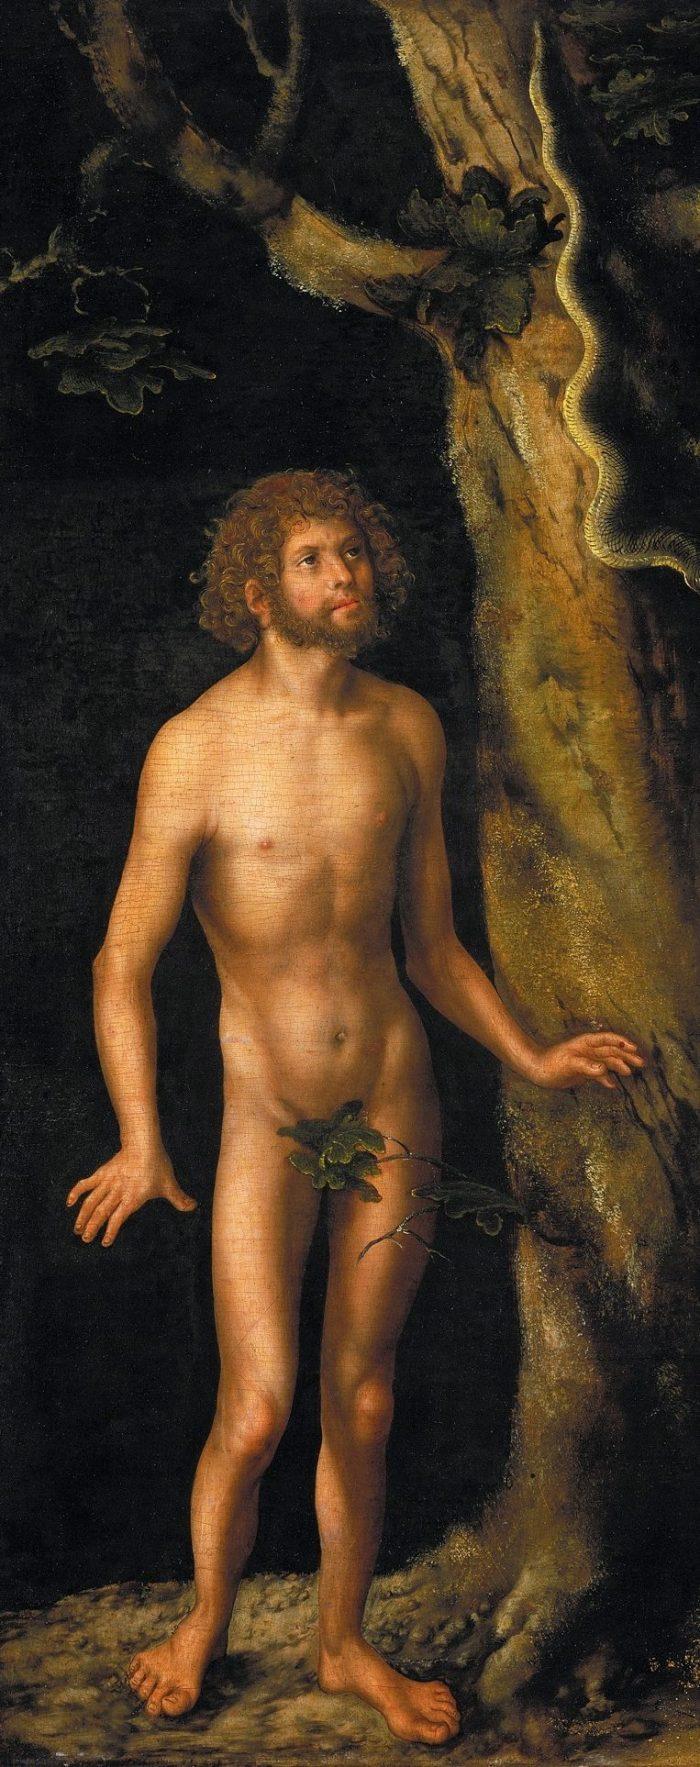 cranach_the_elder_adam_and_eve